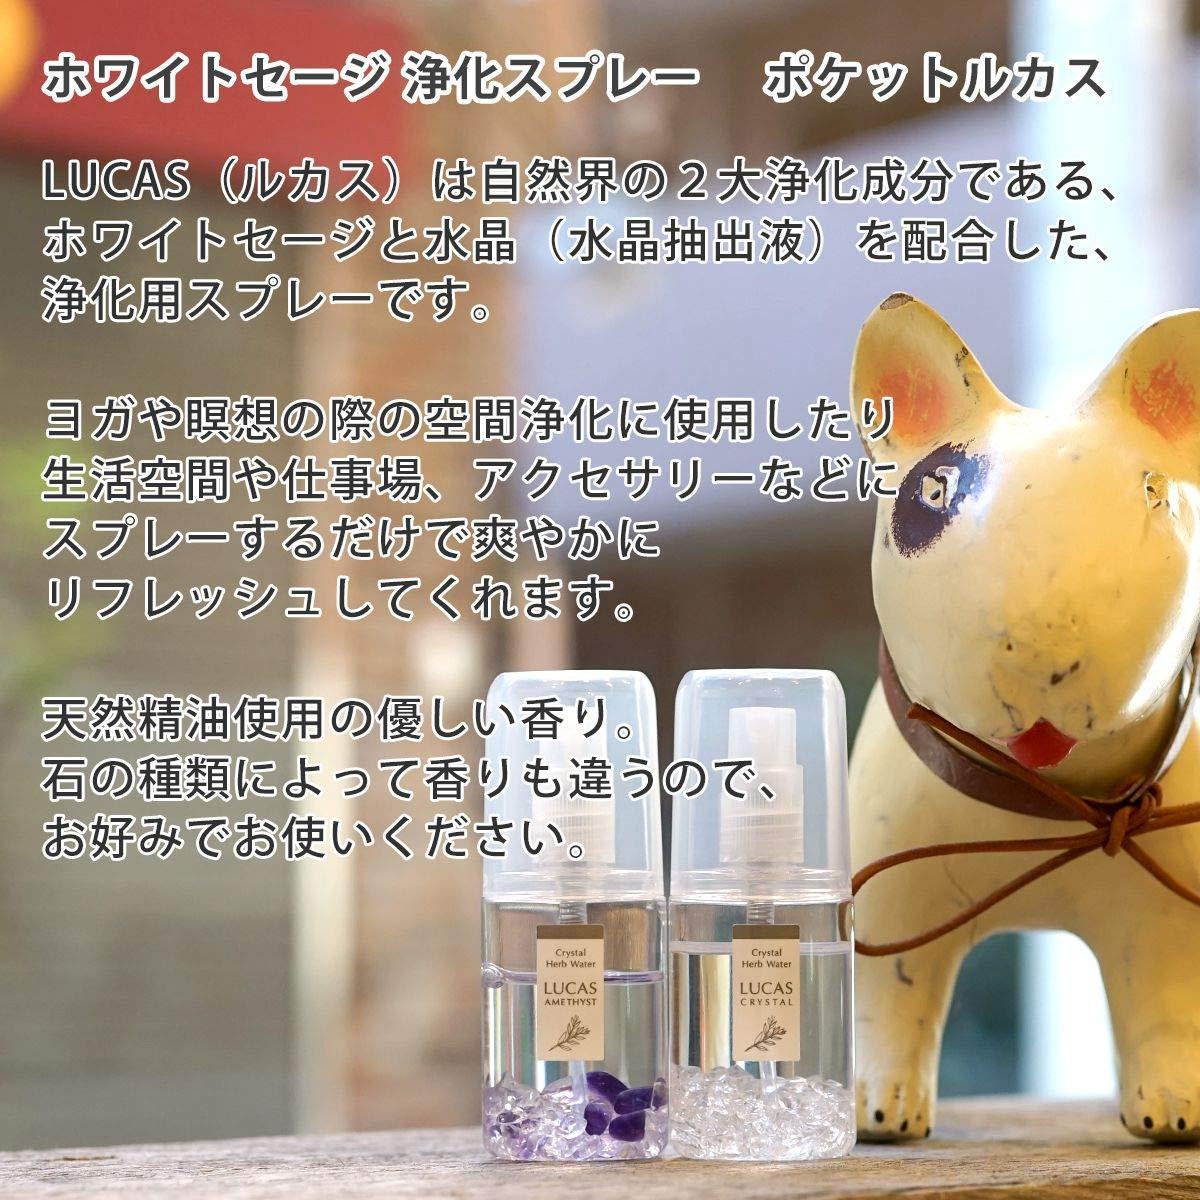 浄化スプレー ポケットルカス 【ローズクォーツ】